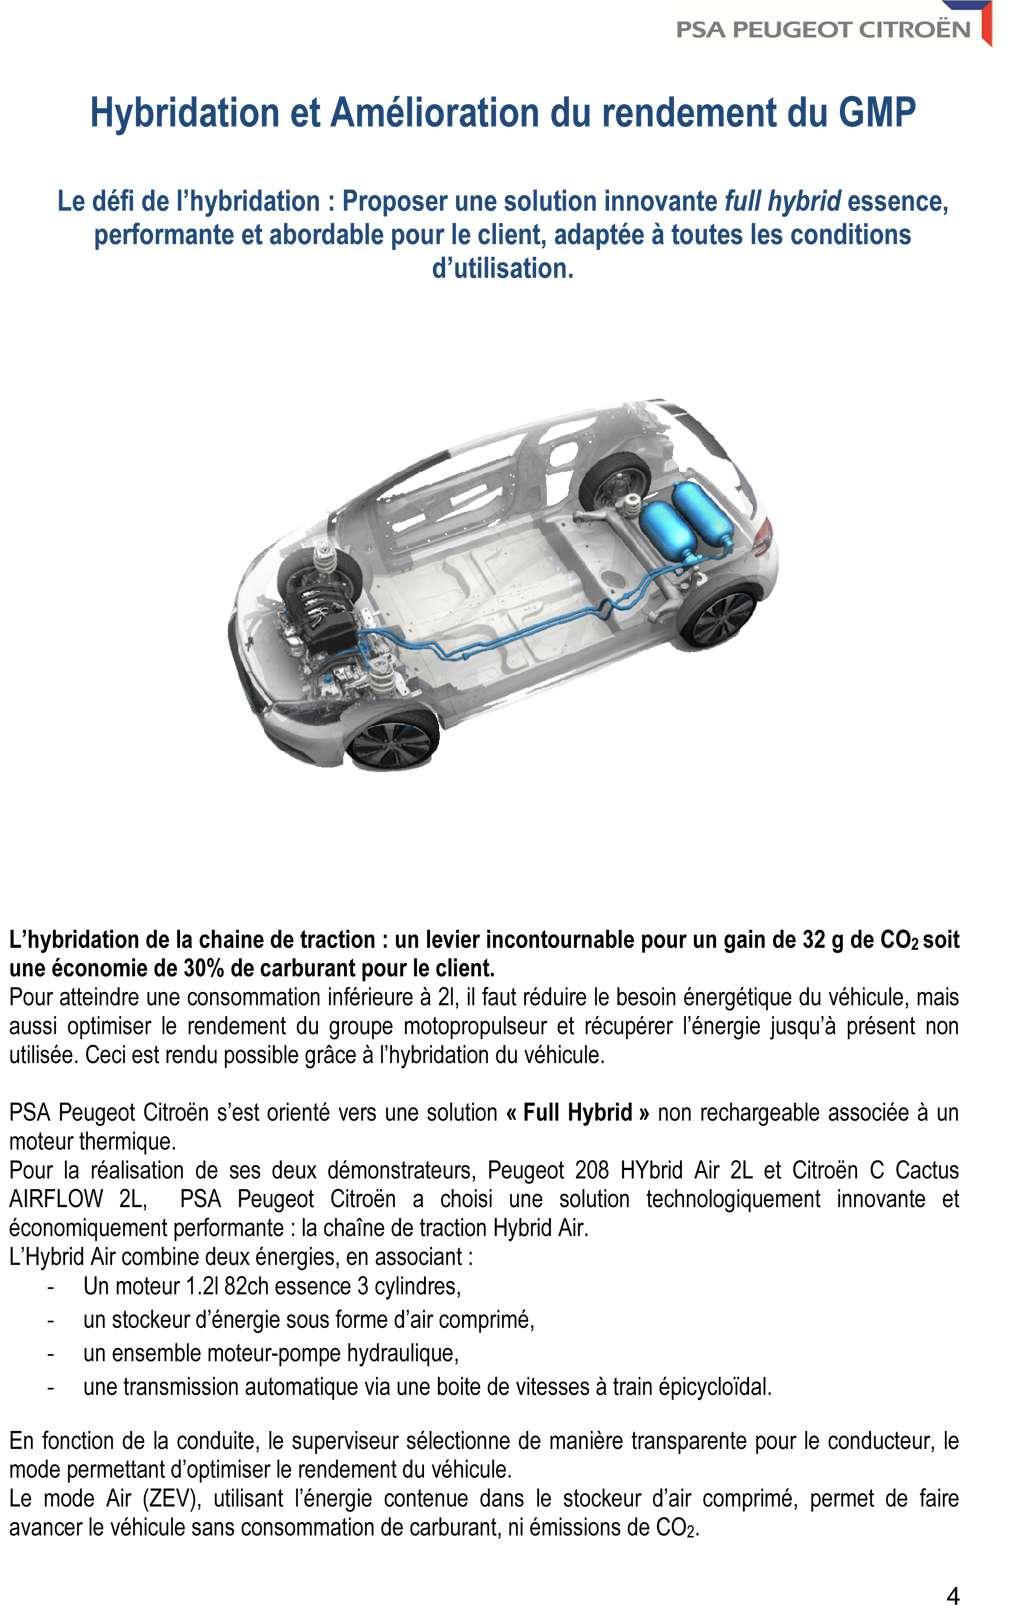 [INFORMATION] PSA: Les nouvelles technologies - Page 4 2014-112